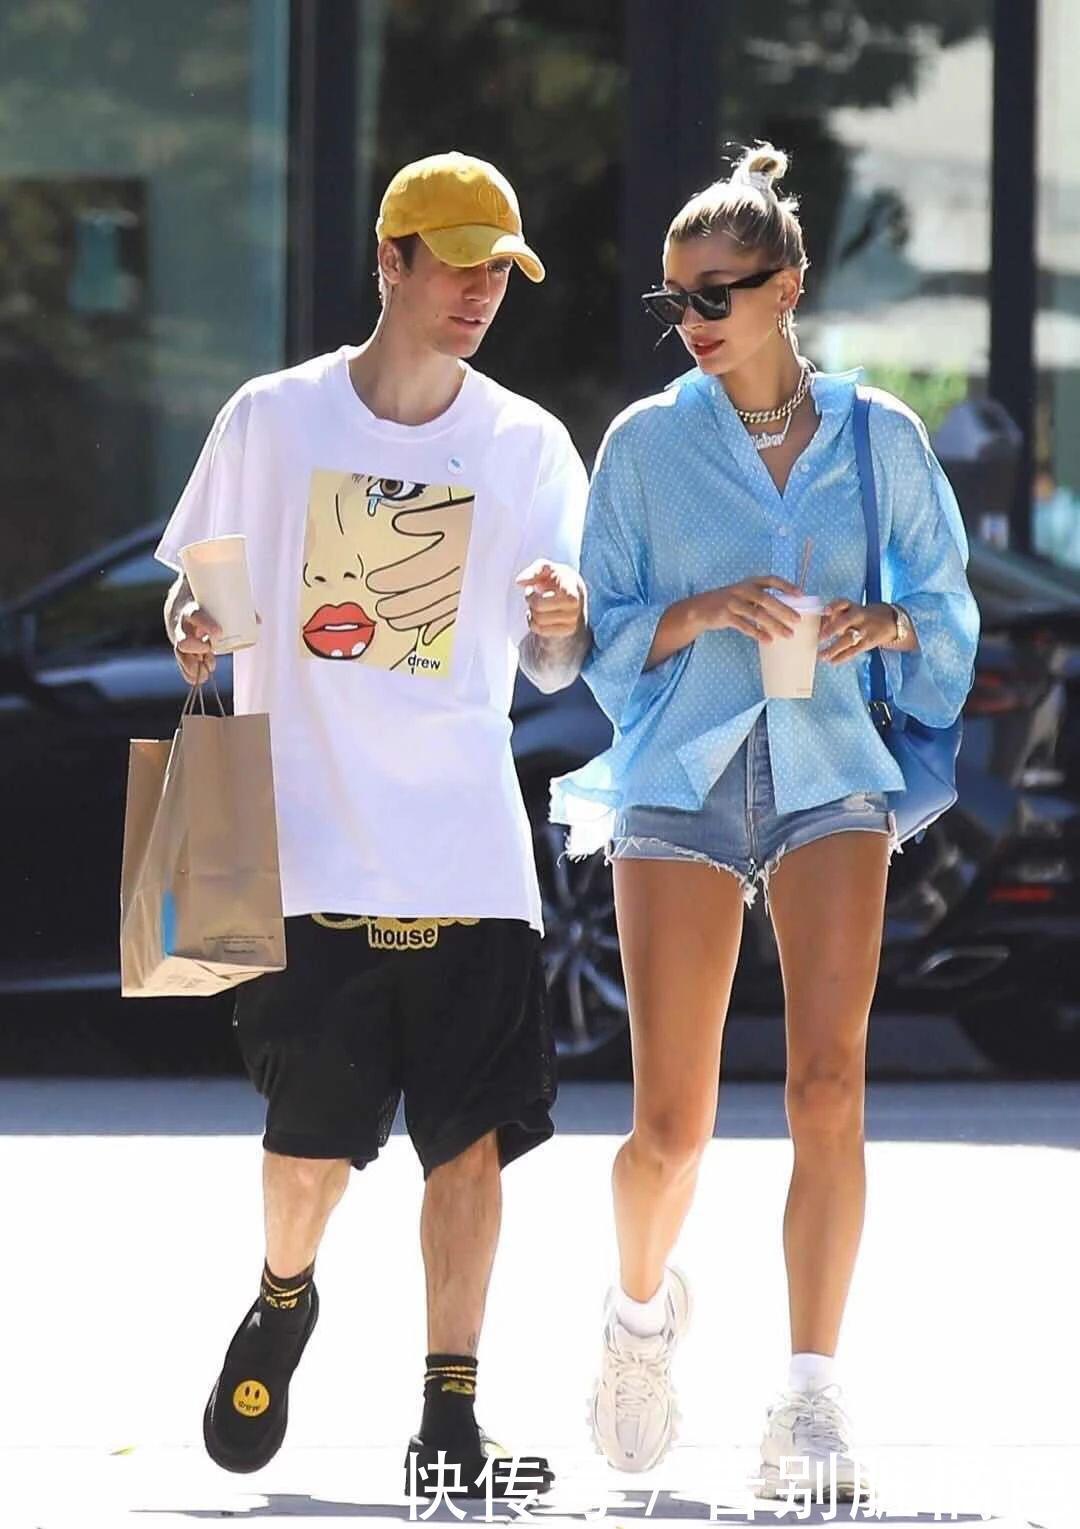 贾斯汀比伯夫妇超有范,一个潮流时尚,一个气场十足!